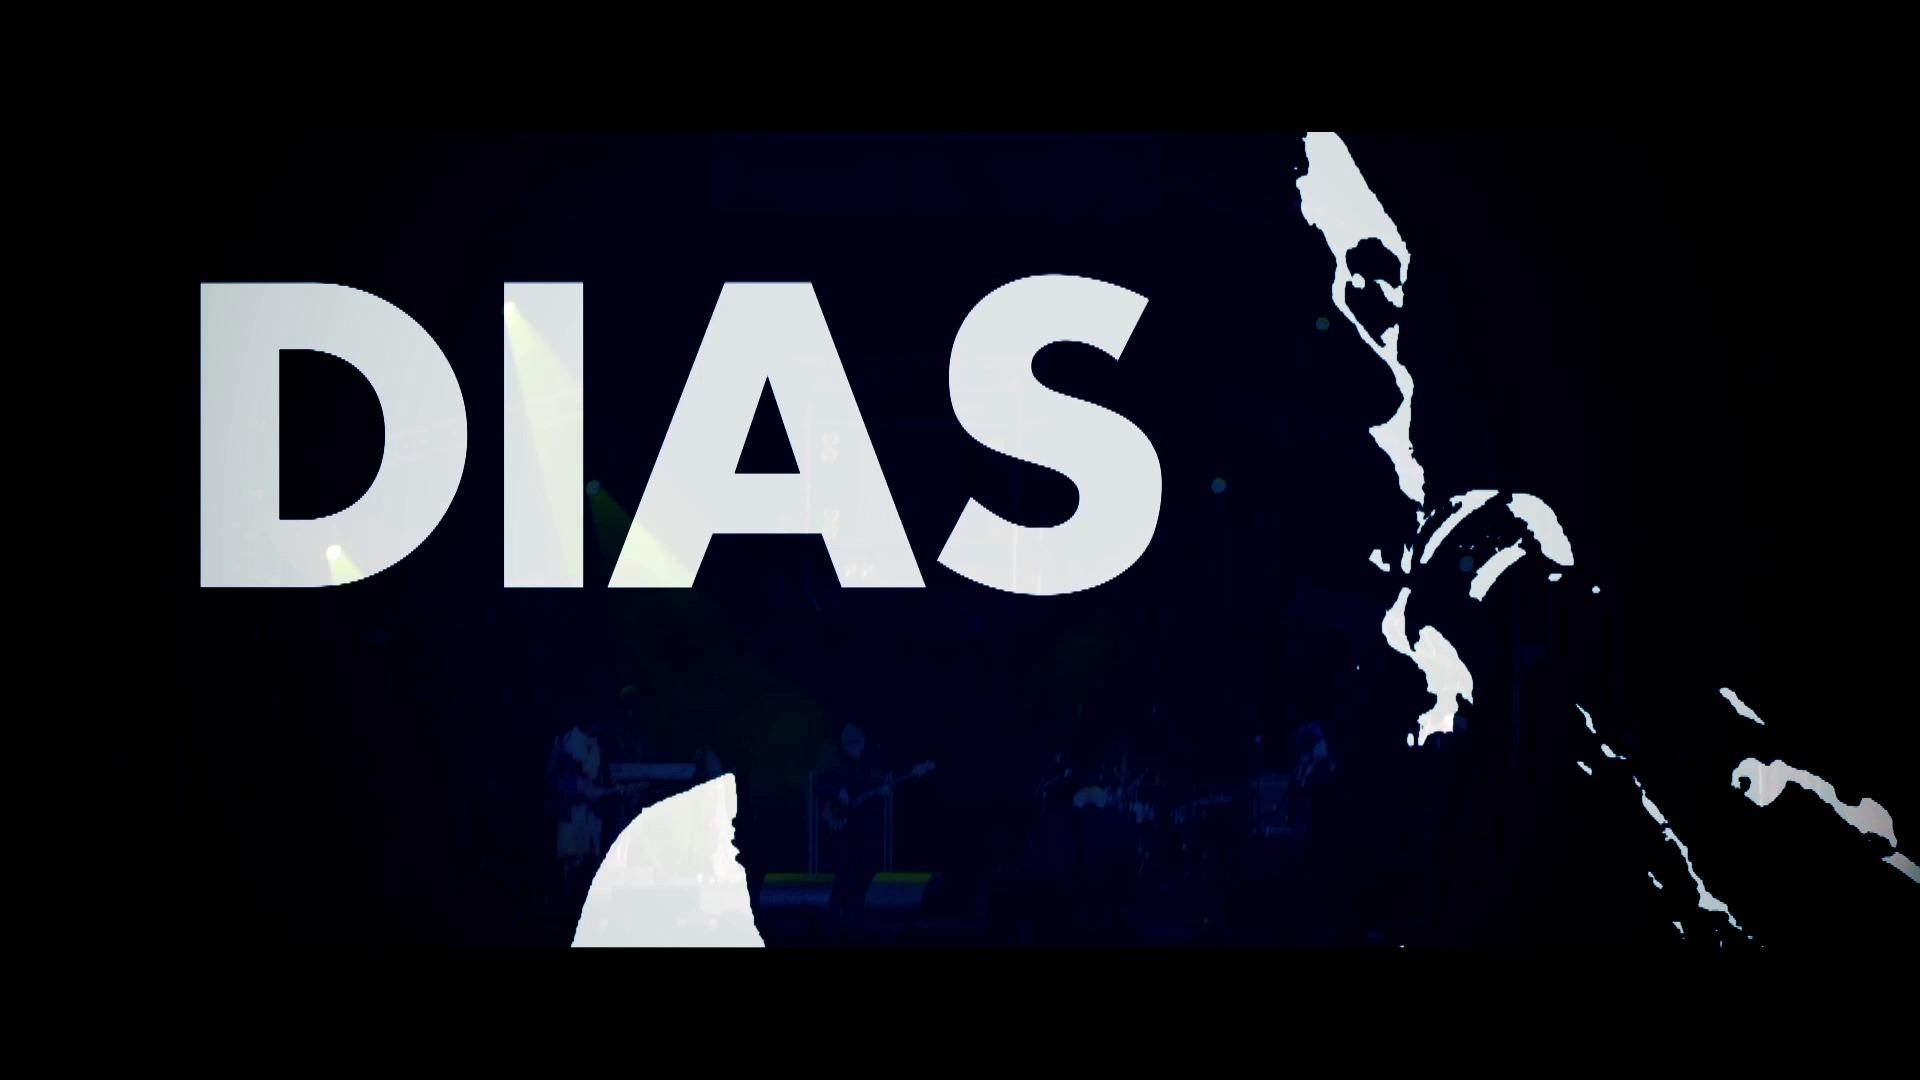 Dias – Kadal (Promo)